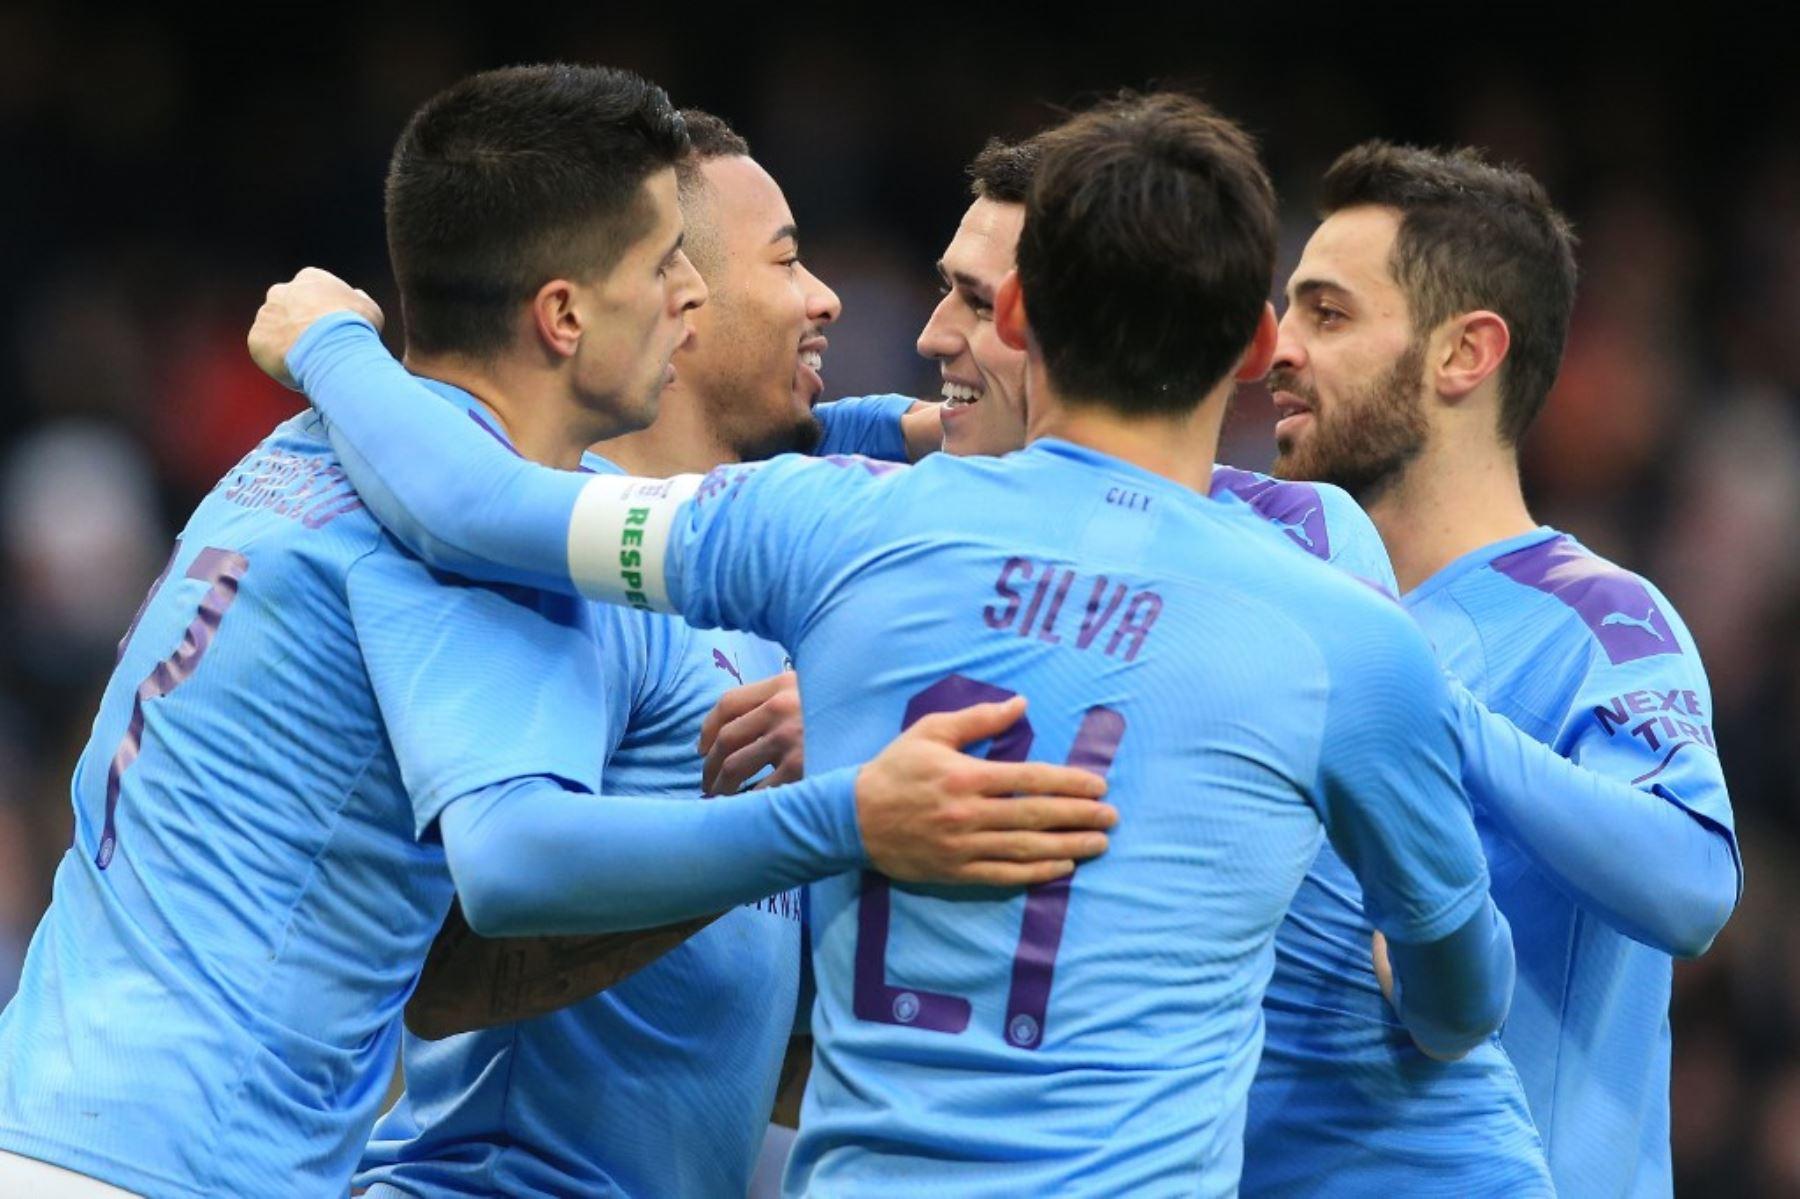 Manchester City no perdona y continúa por la senda de los triunfos